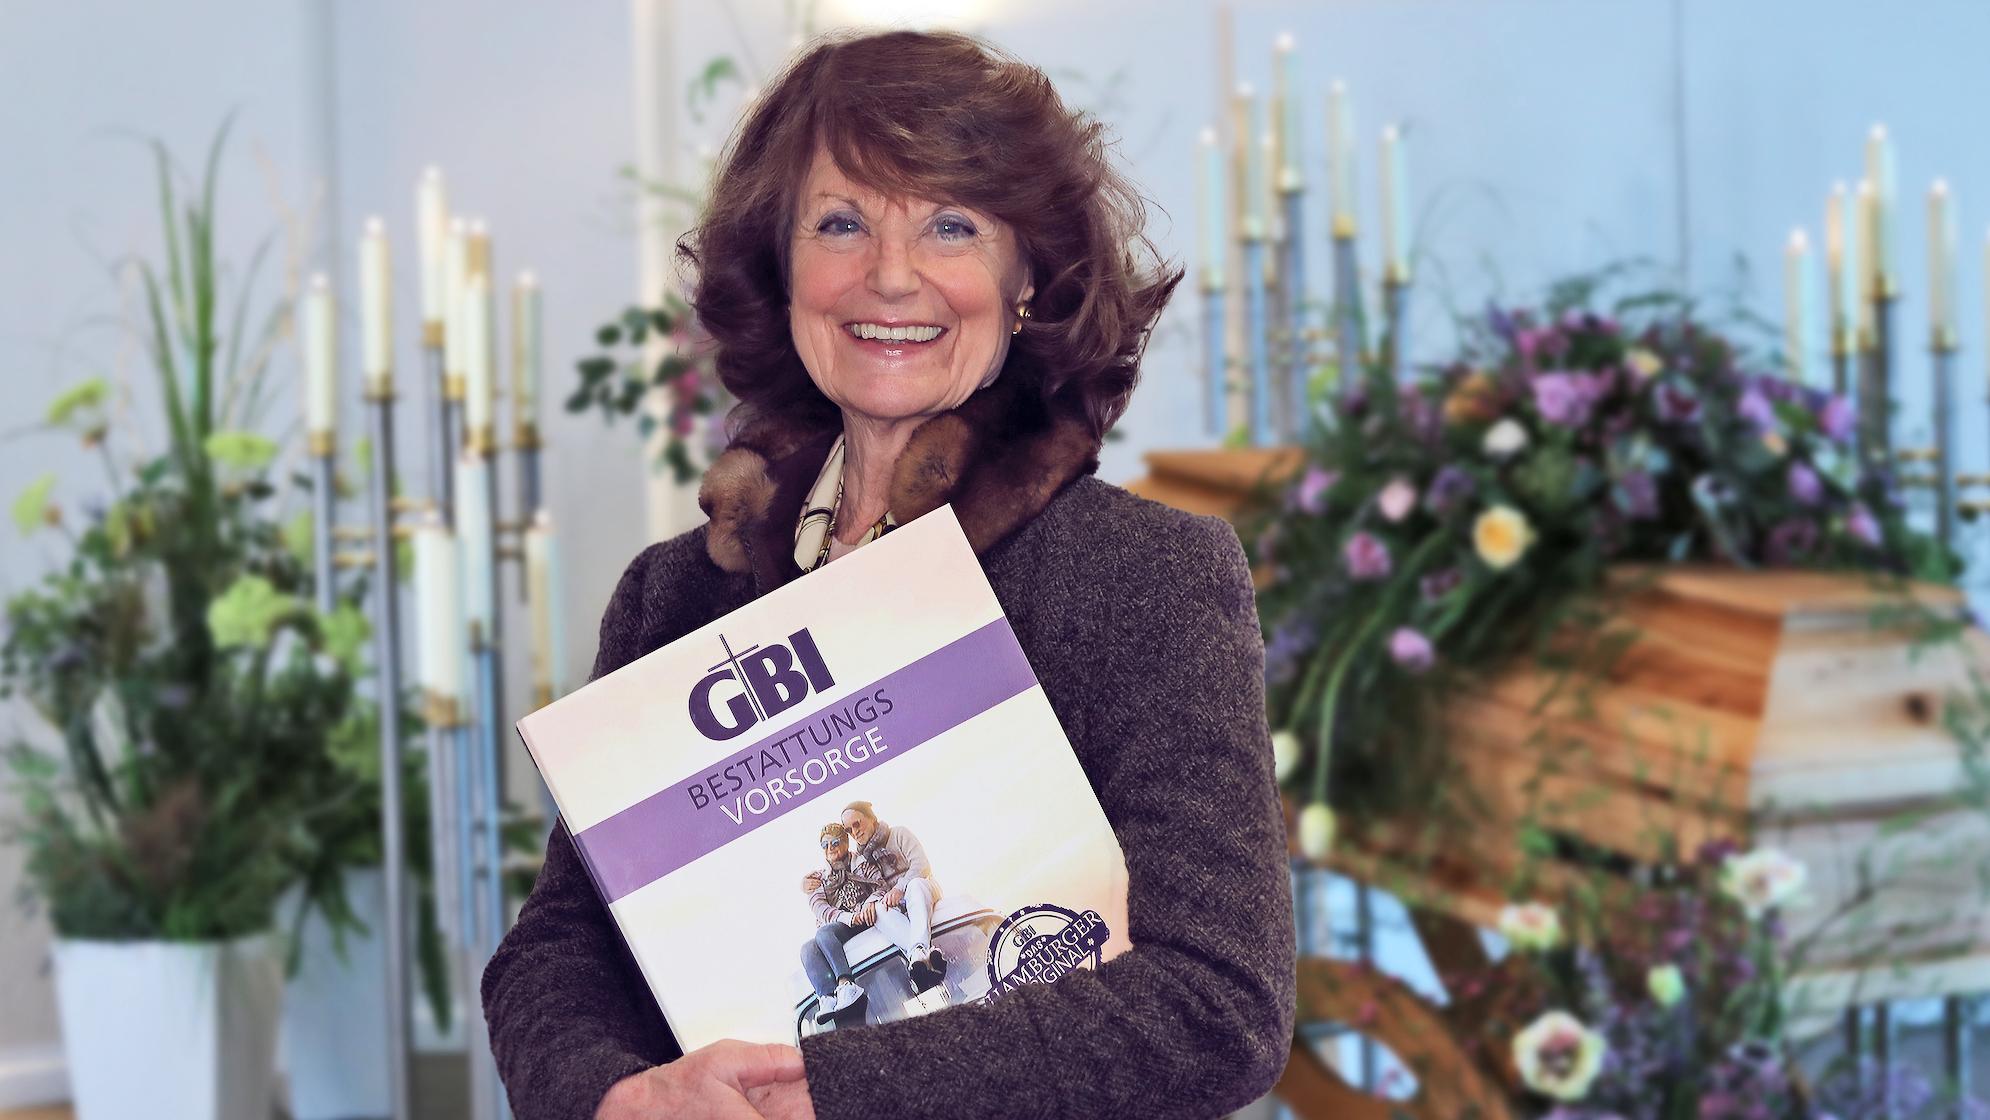 GBI Bestattungsvorsorge